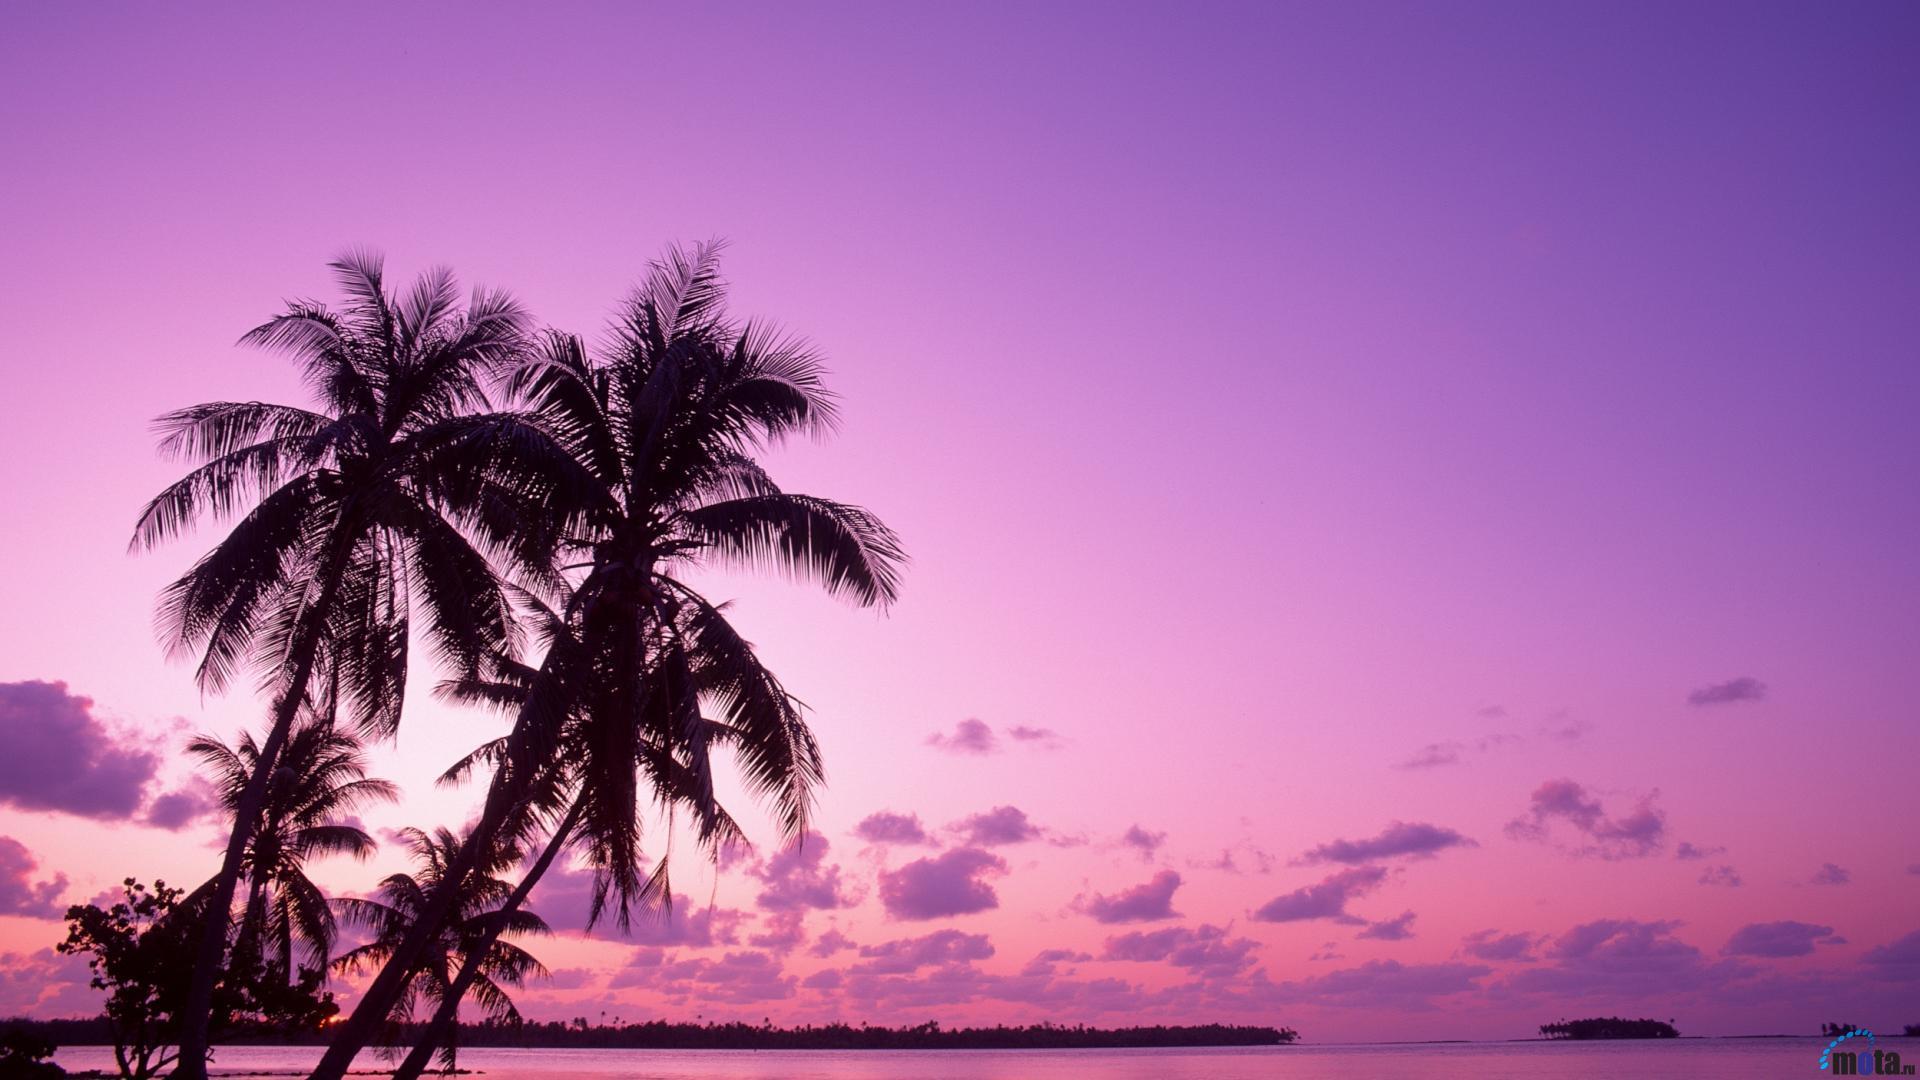 Tropical Island Beach Ocean Sunset: Tropical Island Sunset Wallpapers